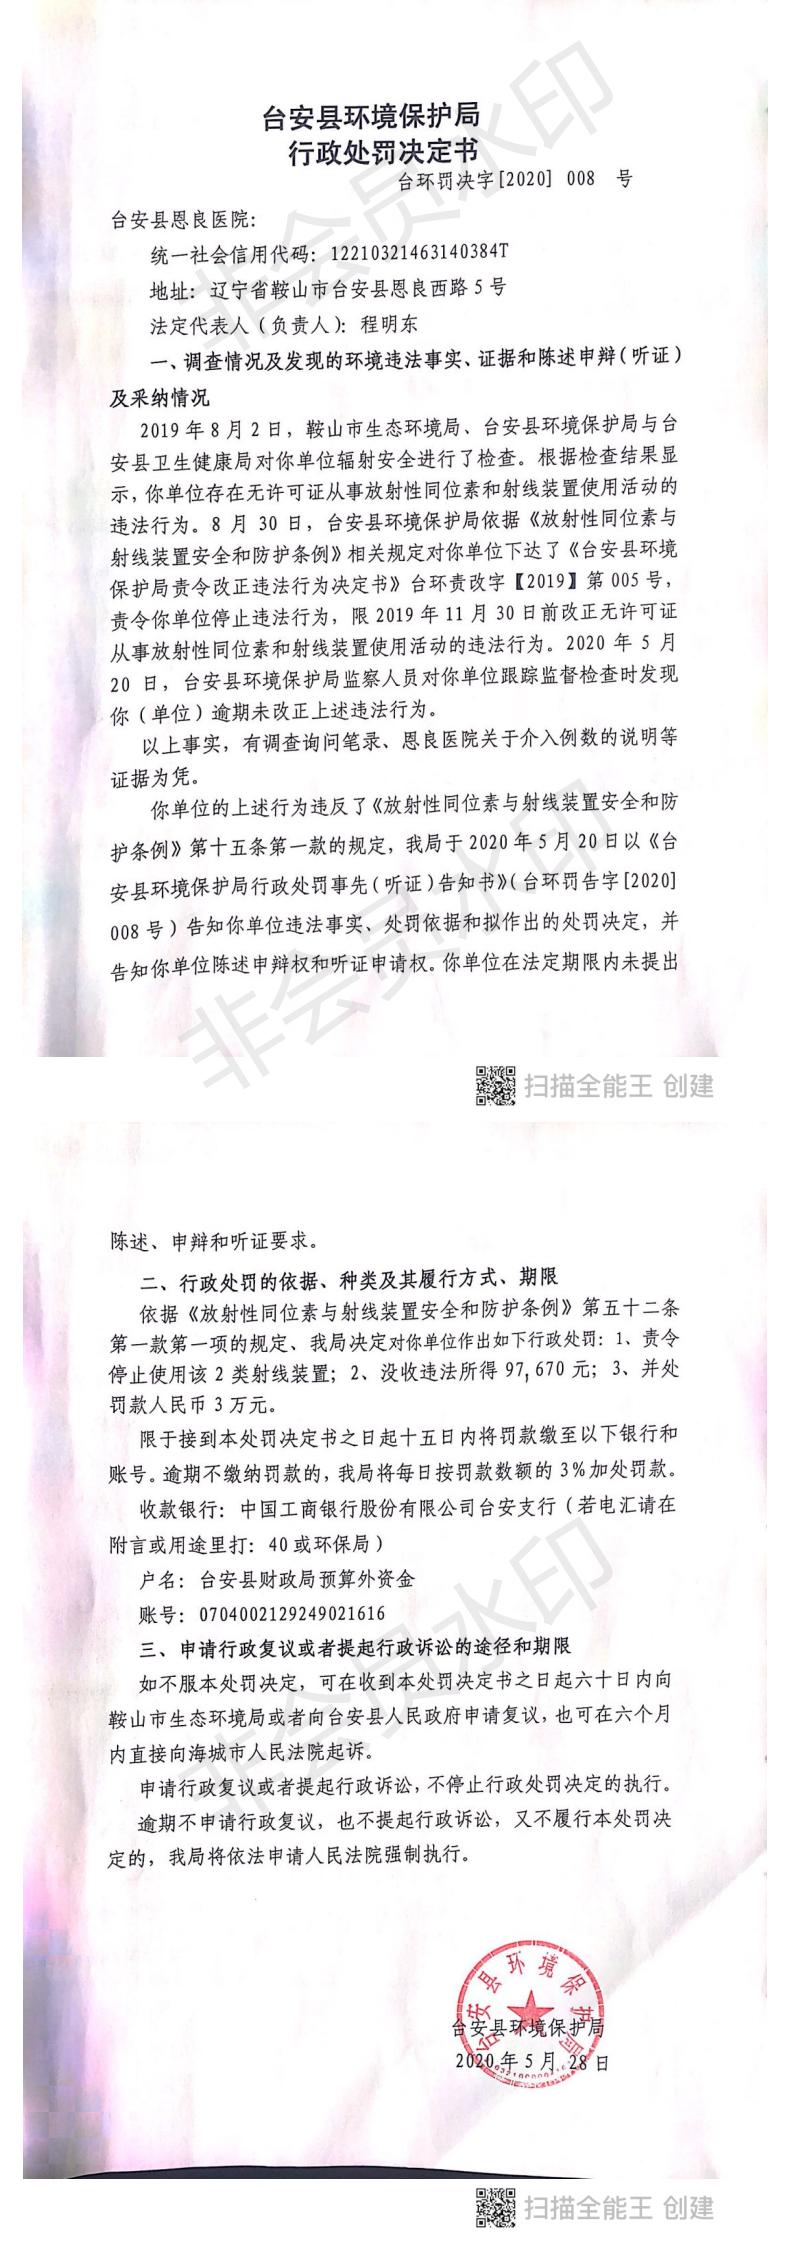 台安县恩良医院行政处罚决定书_0.png